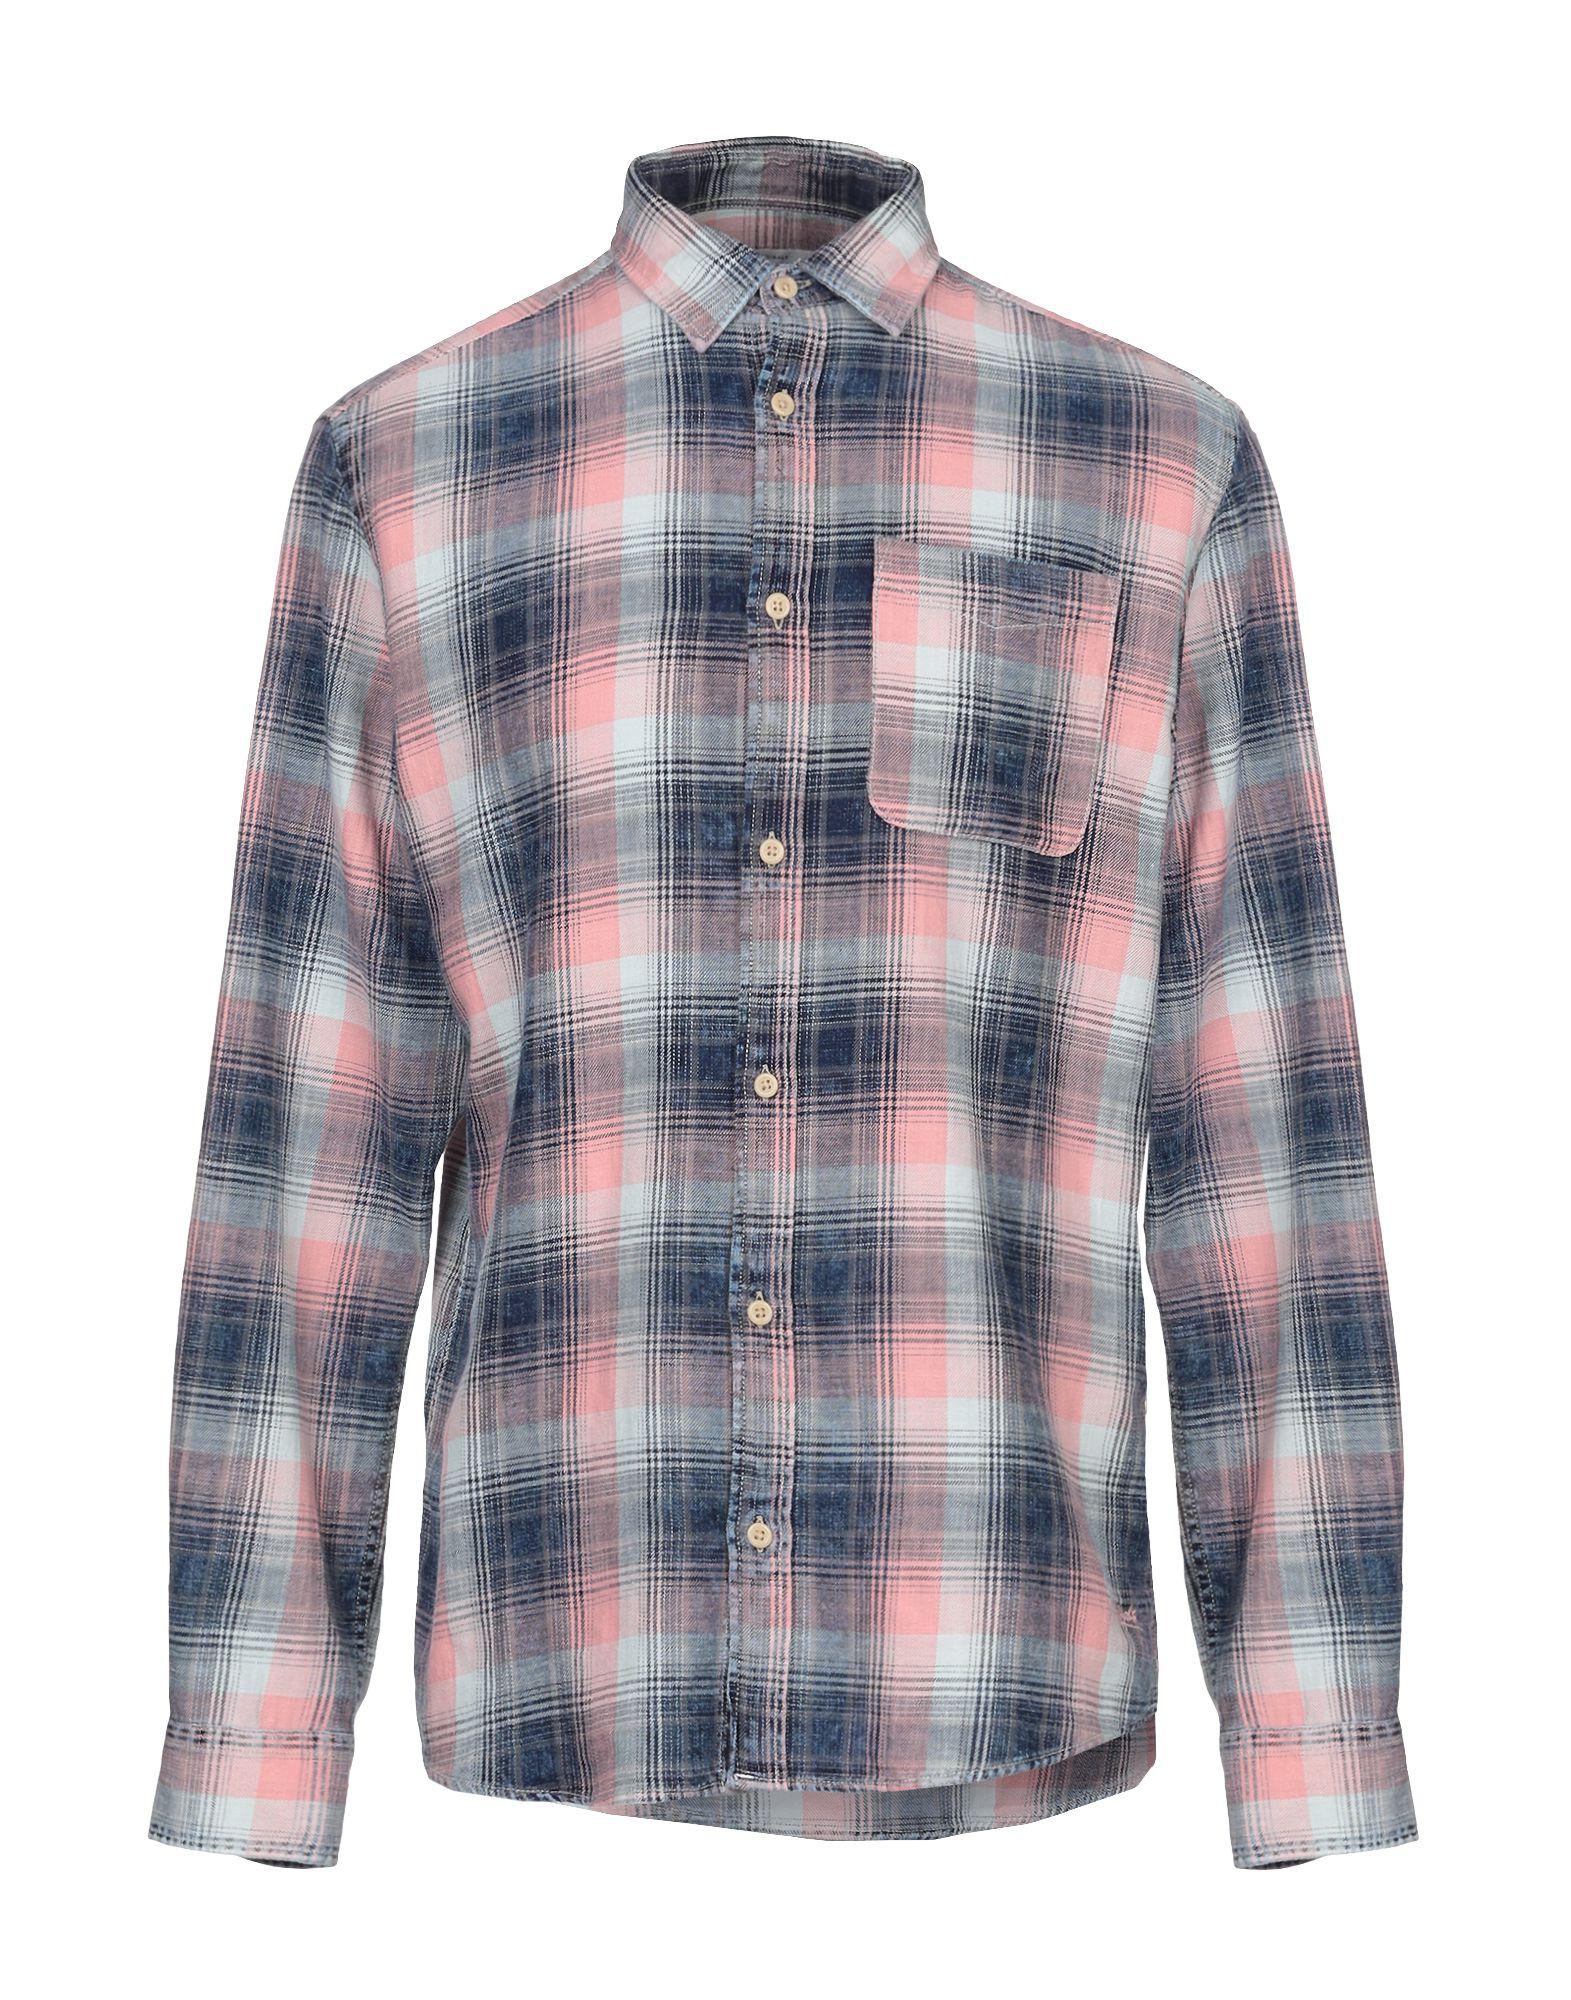 《送料無料》JACK & JONES ORIGINALS メンズ シャツ ピンク S コットン 100%